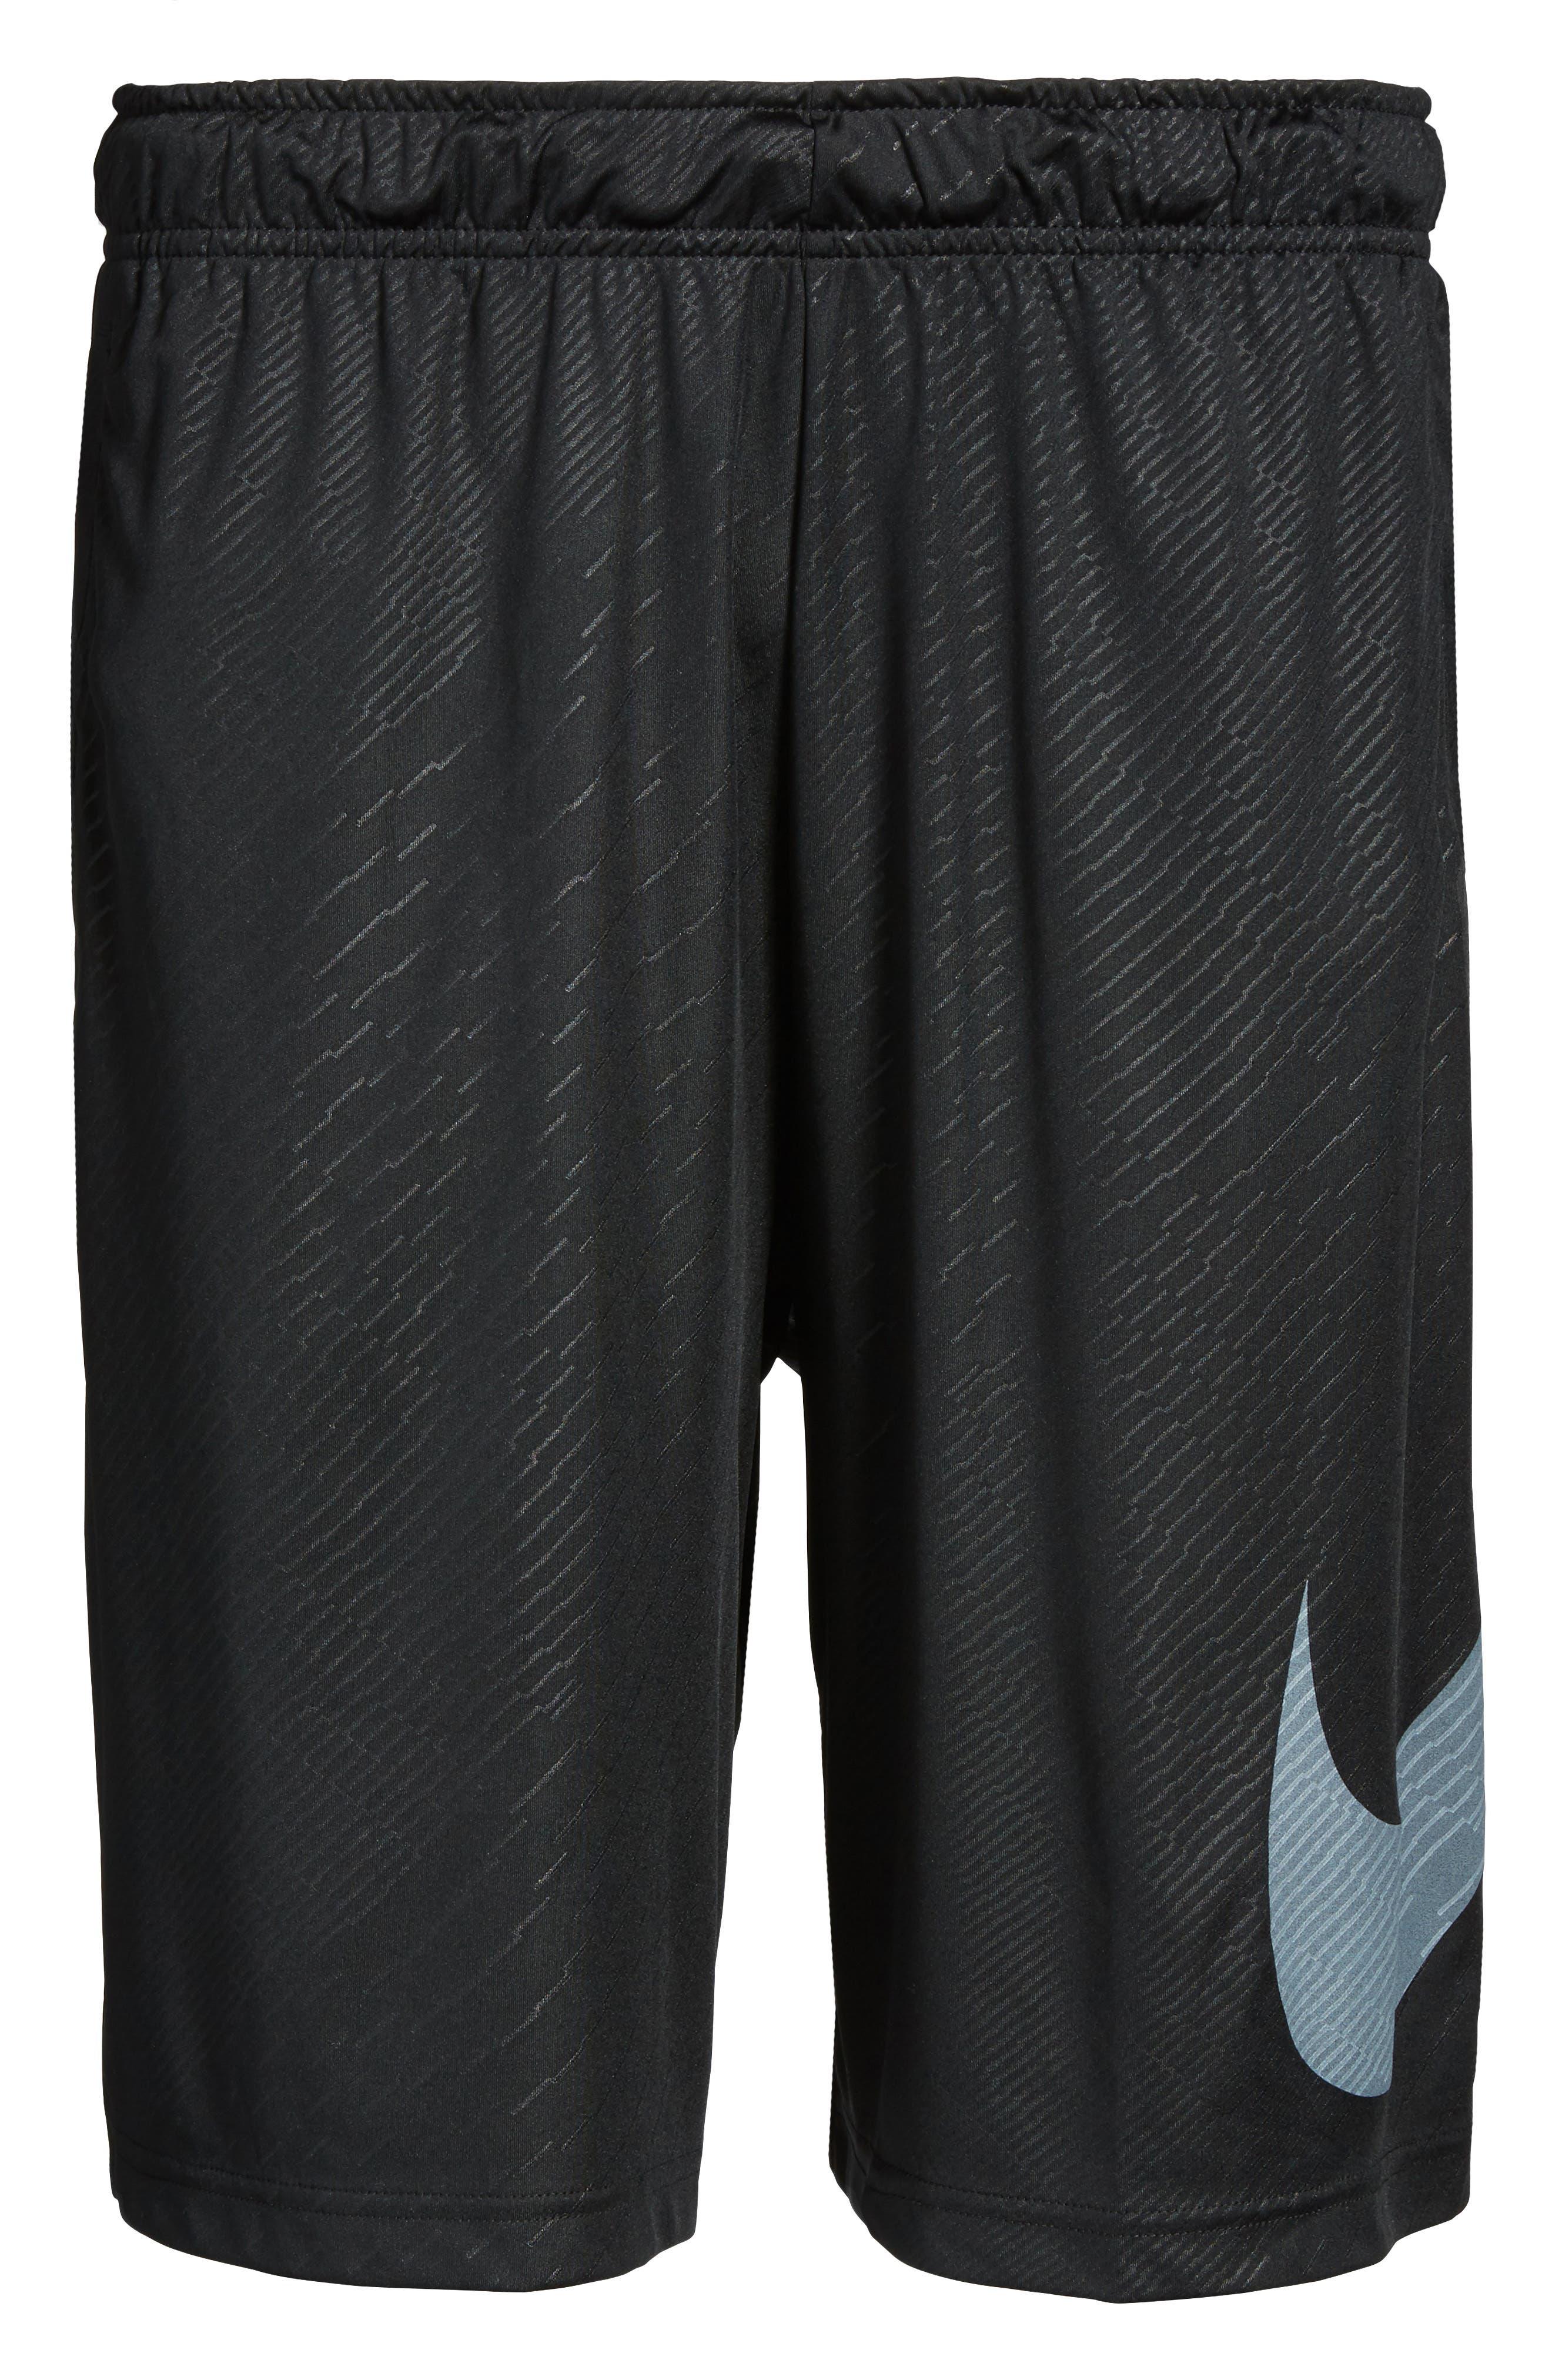 Dry Training Shorts,                             Alternate thumbnail 5, color,                             Black/ White